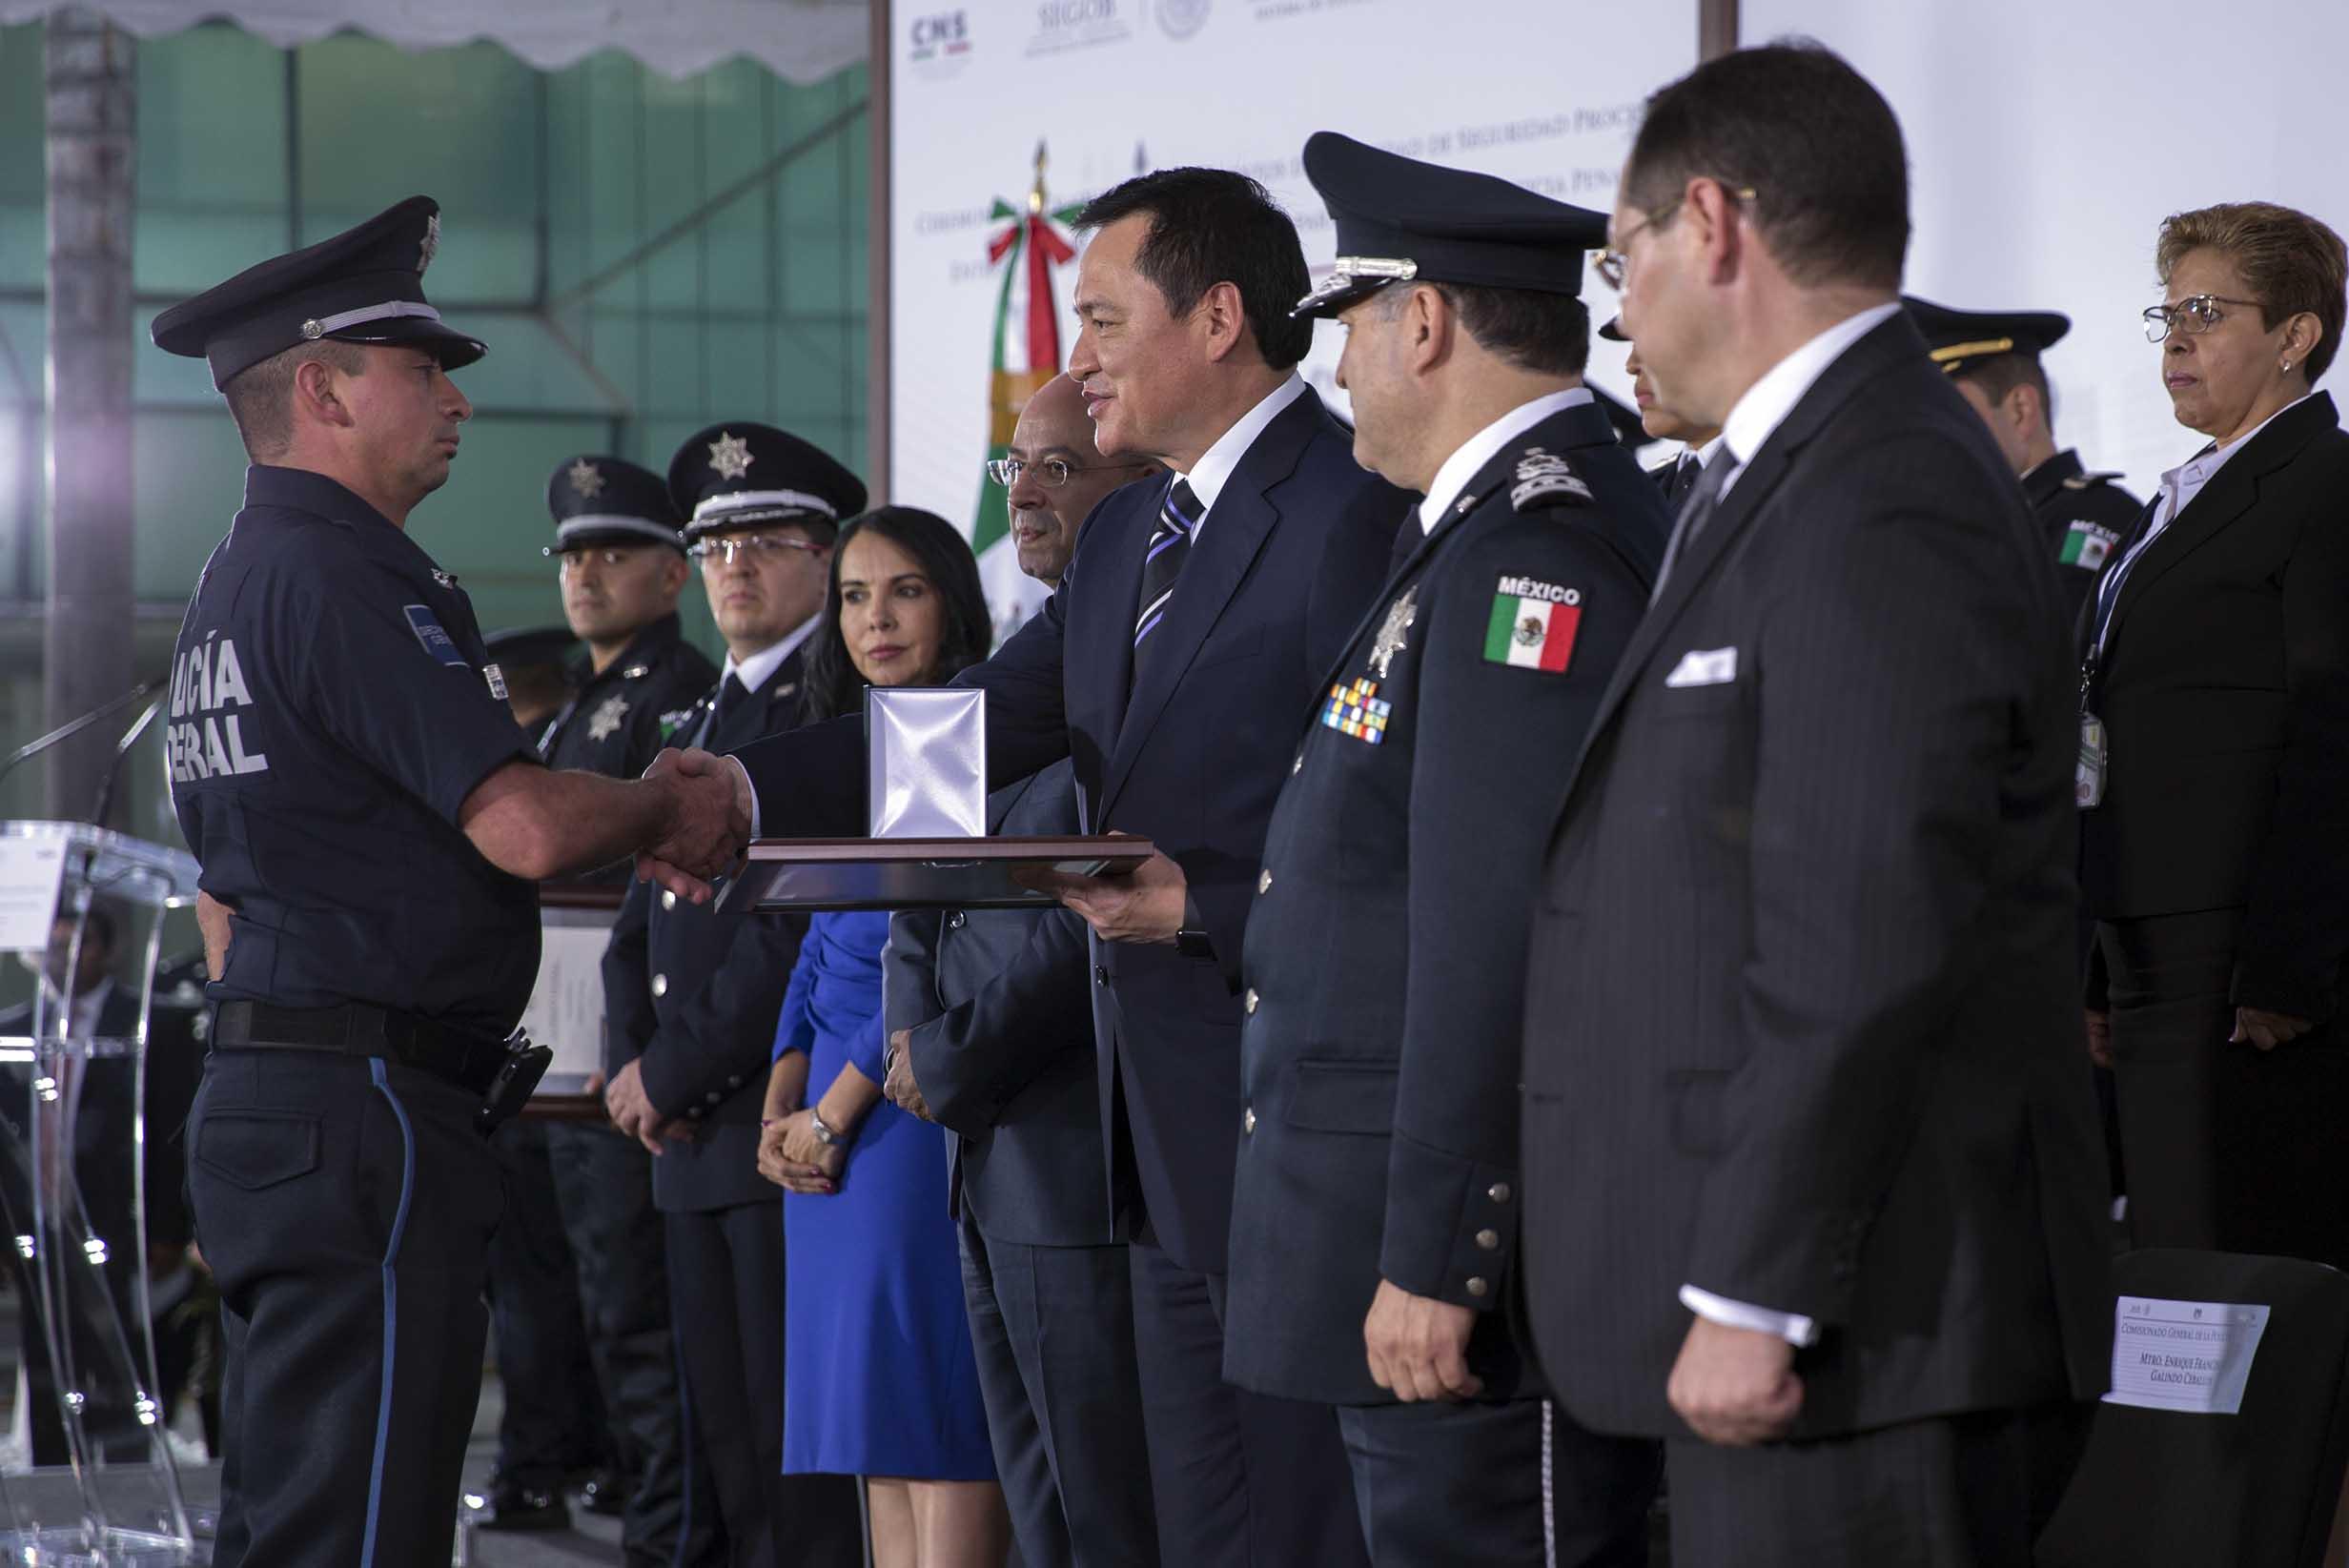 El Secretario de Gobernación, Miguel Ángel Osorio Chong, encabezó la Ceremonia de Graduación de Elementos de la Unidad de Seguridad Procesal, y Entrega de Equipo de Criminalística para el Sistema de Justicia Penal.